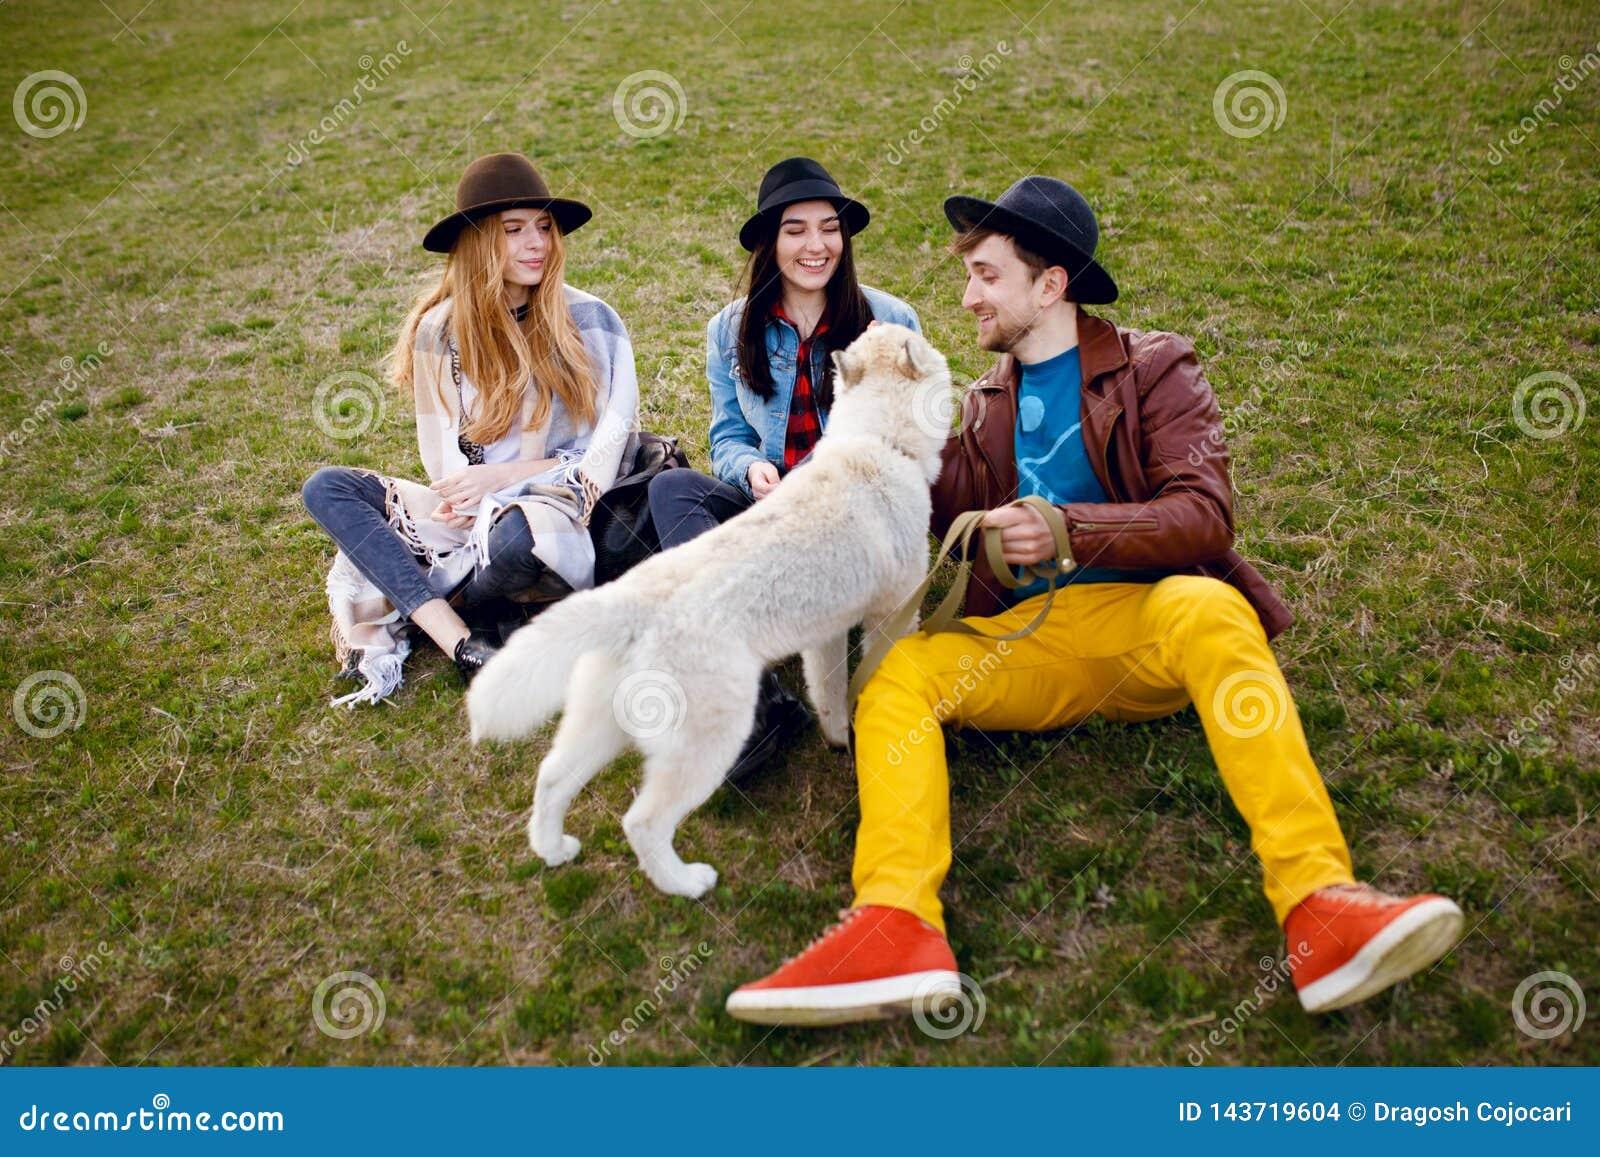 Grupa ludzi obsiadanie na zielonej trawie Śmiają się i one uśmiechają się Życzliwa atmosfera na natury tle